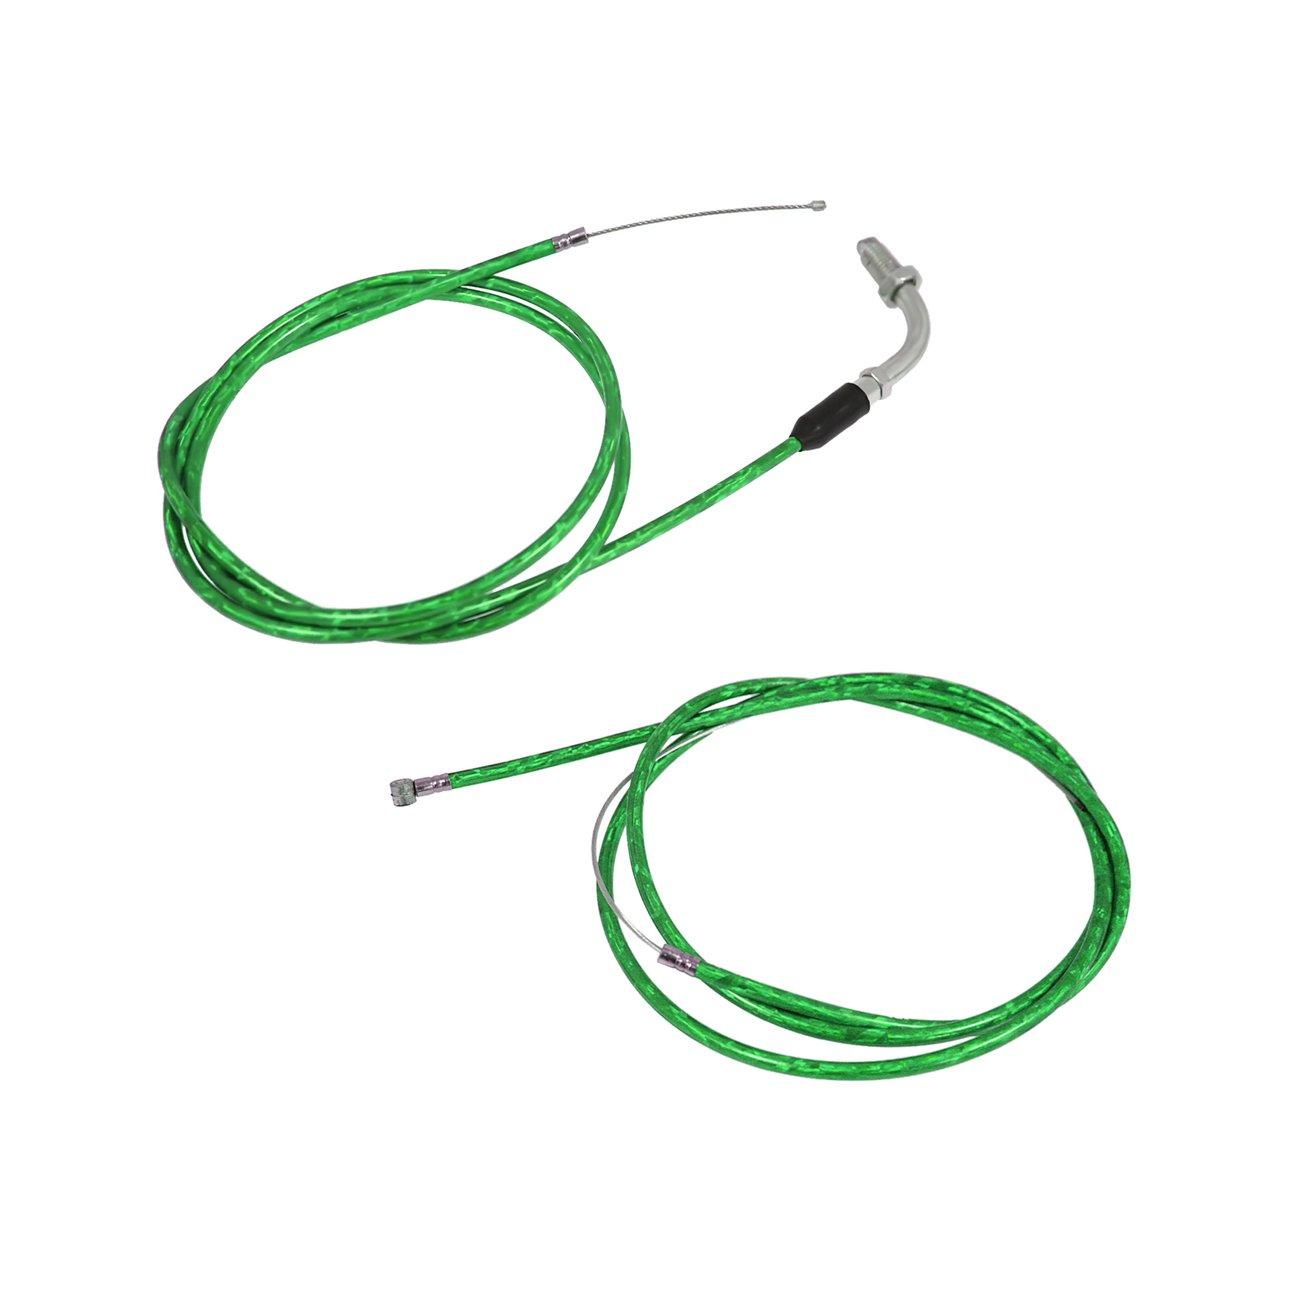 JRL Green Clutch Line&Throttle Cable Fit 49cc 60cc 66cc 80cc Engine Motorized Bike